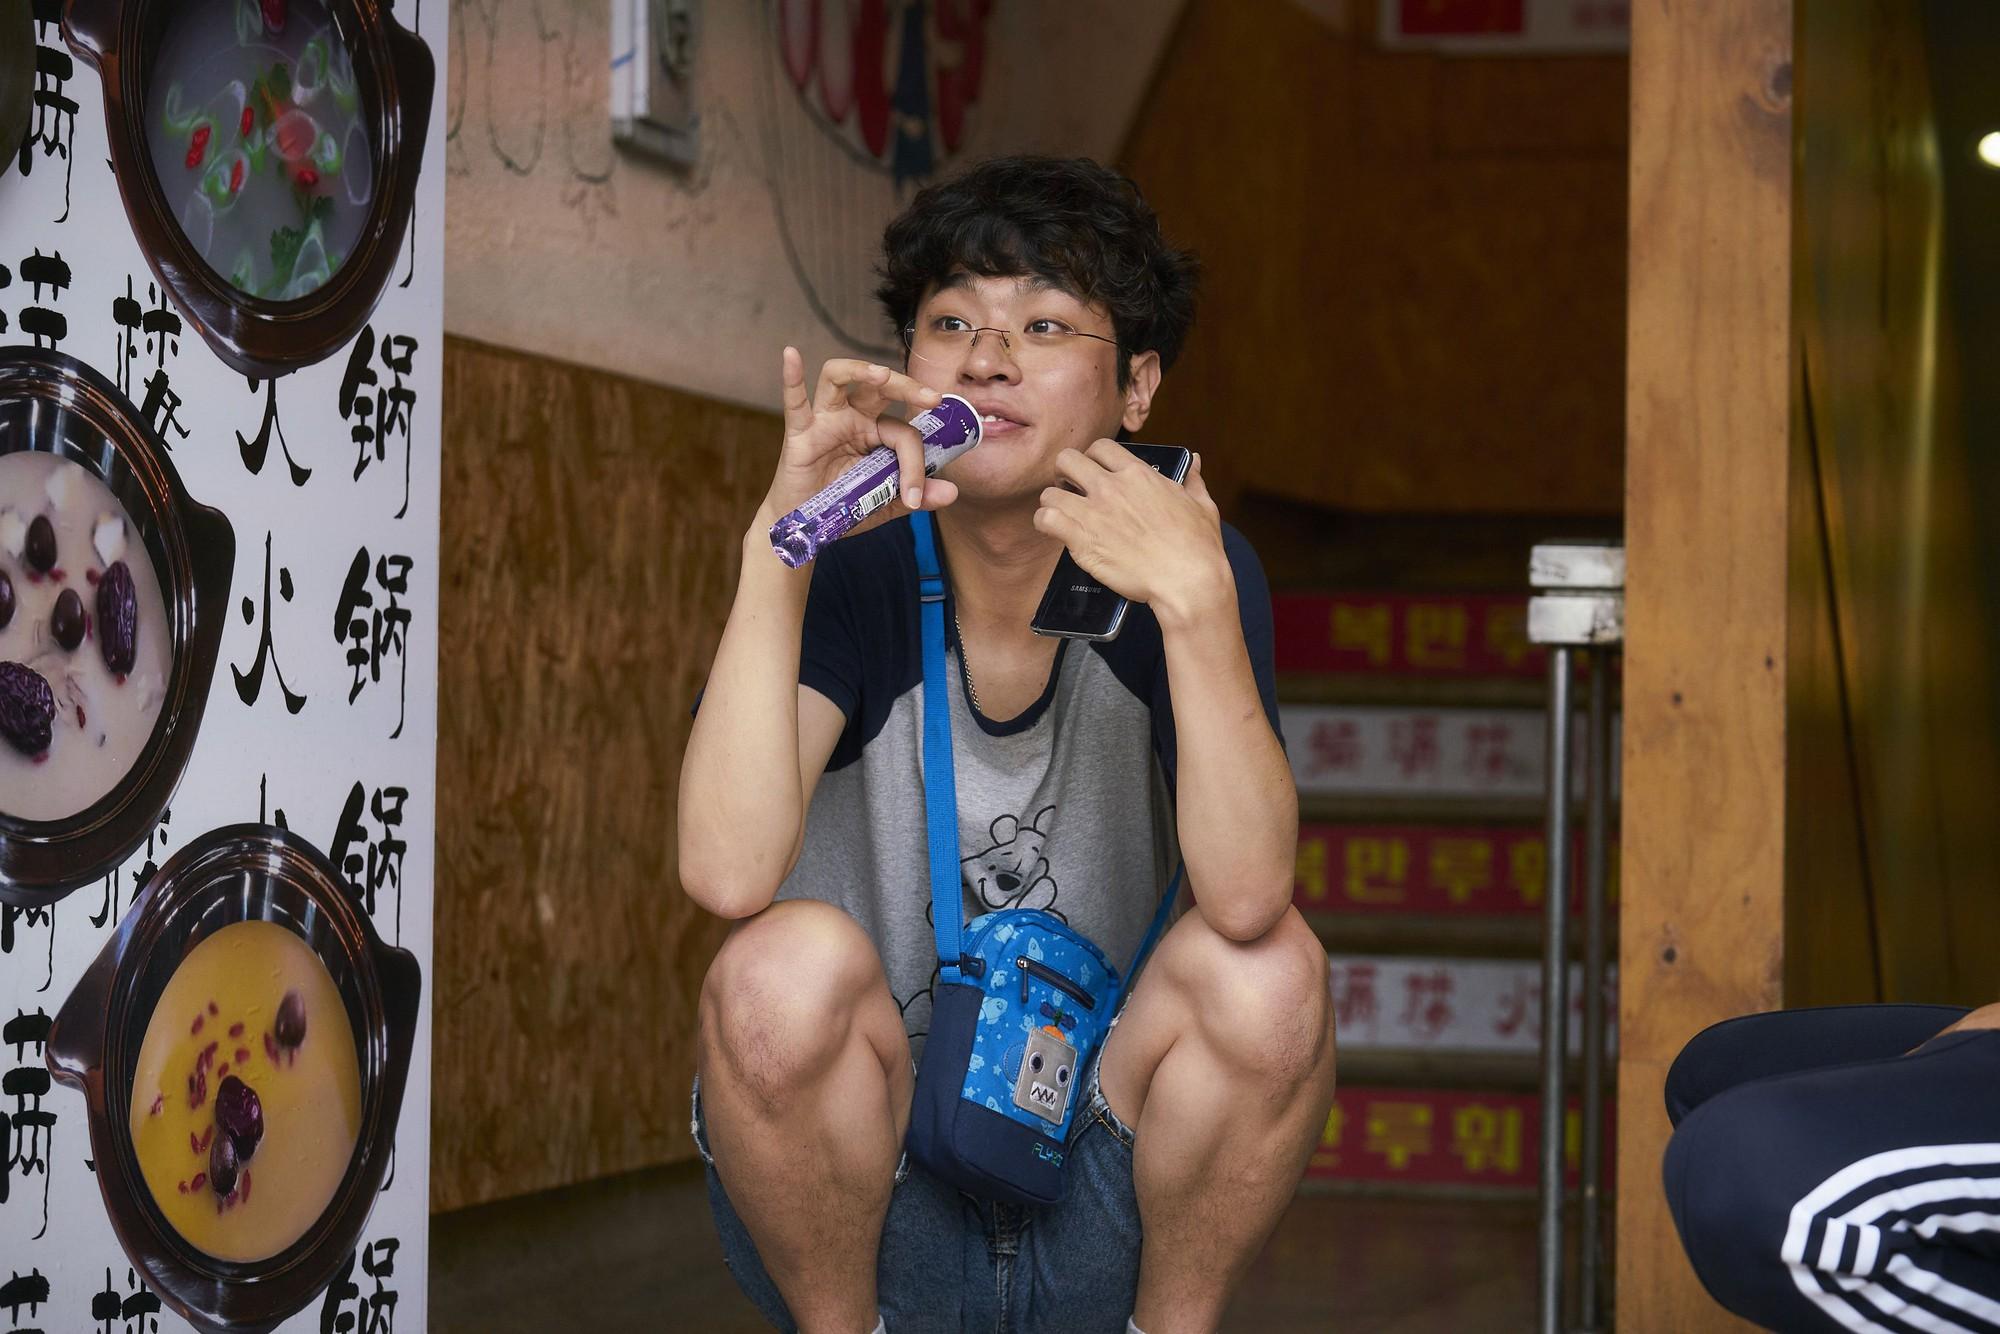 Xin Chào, Cậu Em Khác Người! - Khóc ngon lành vì mẹ con Lee Byung Hun - Ảnh 4.